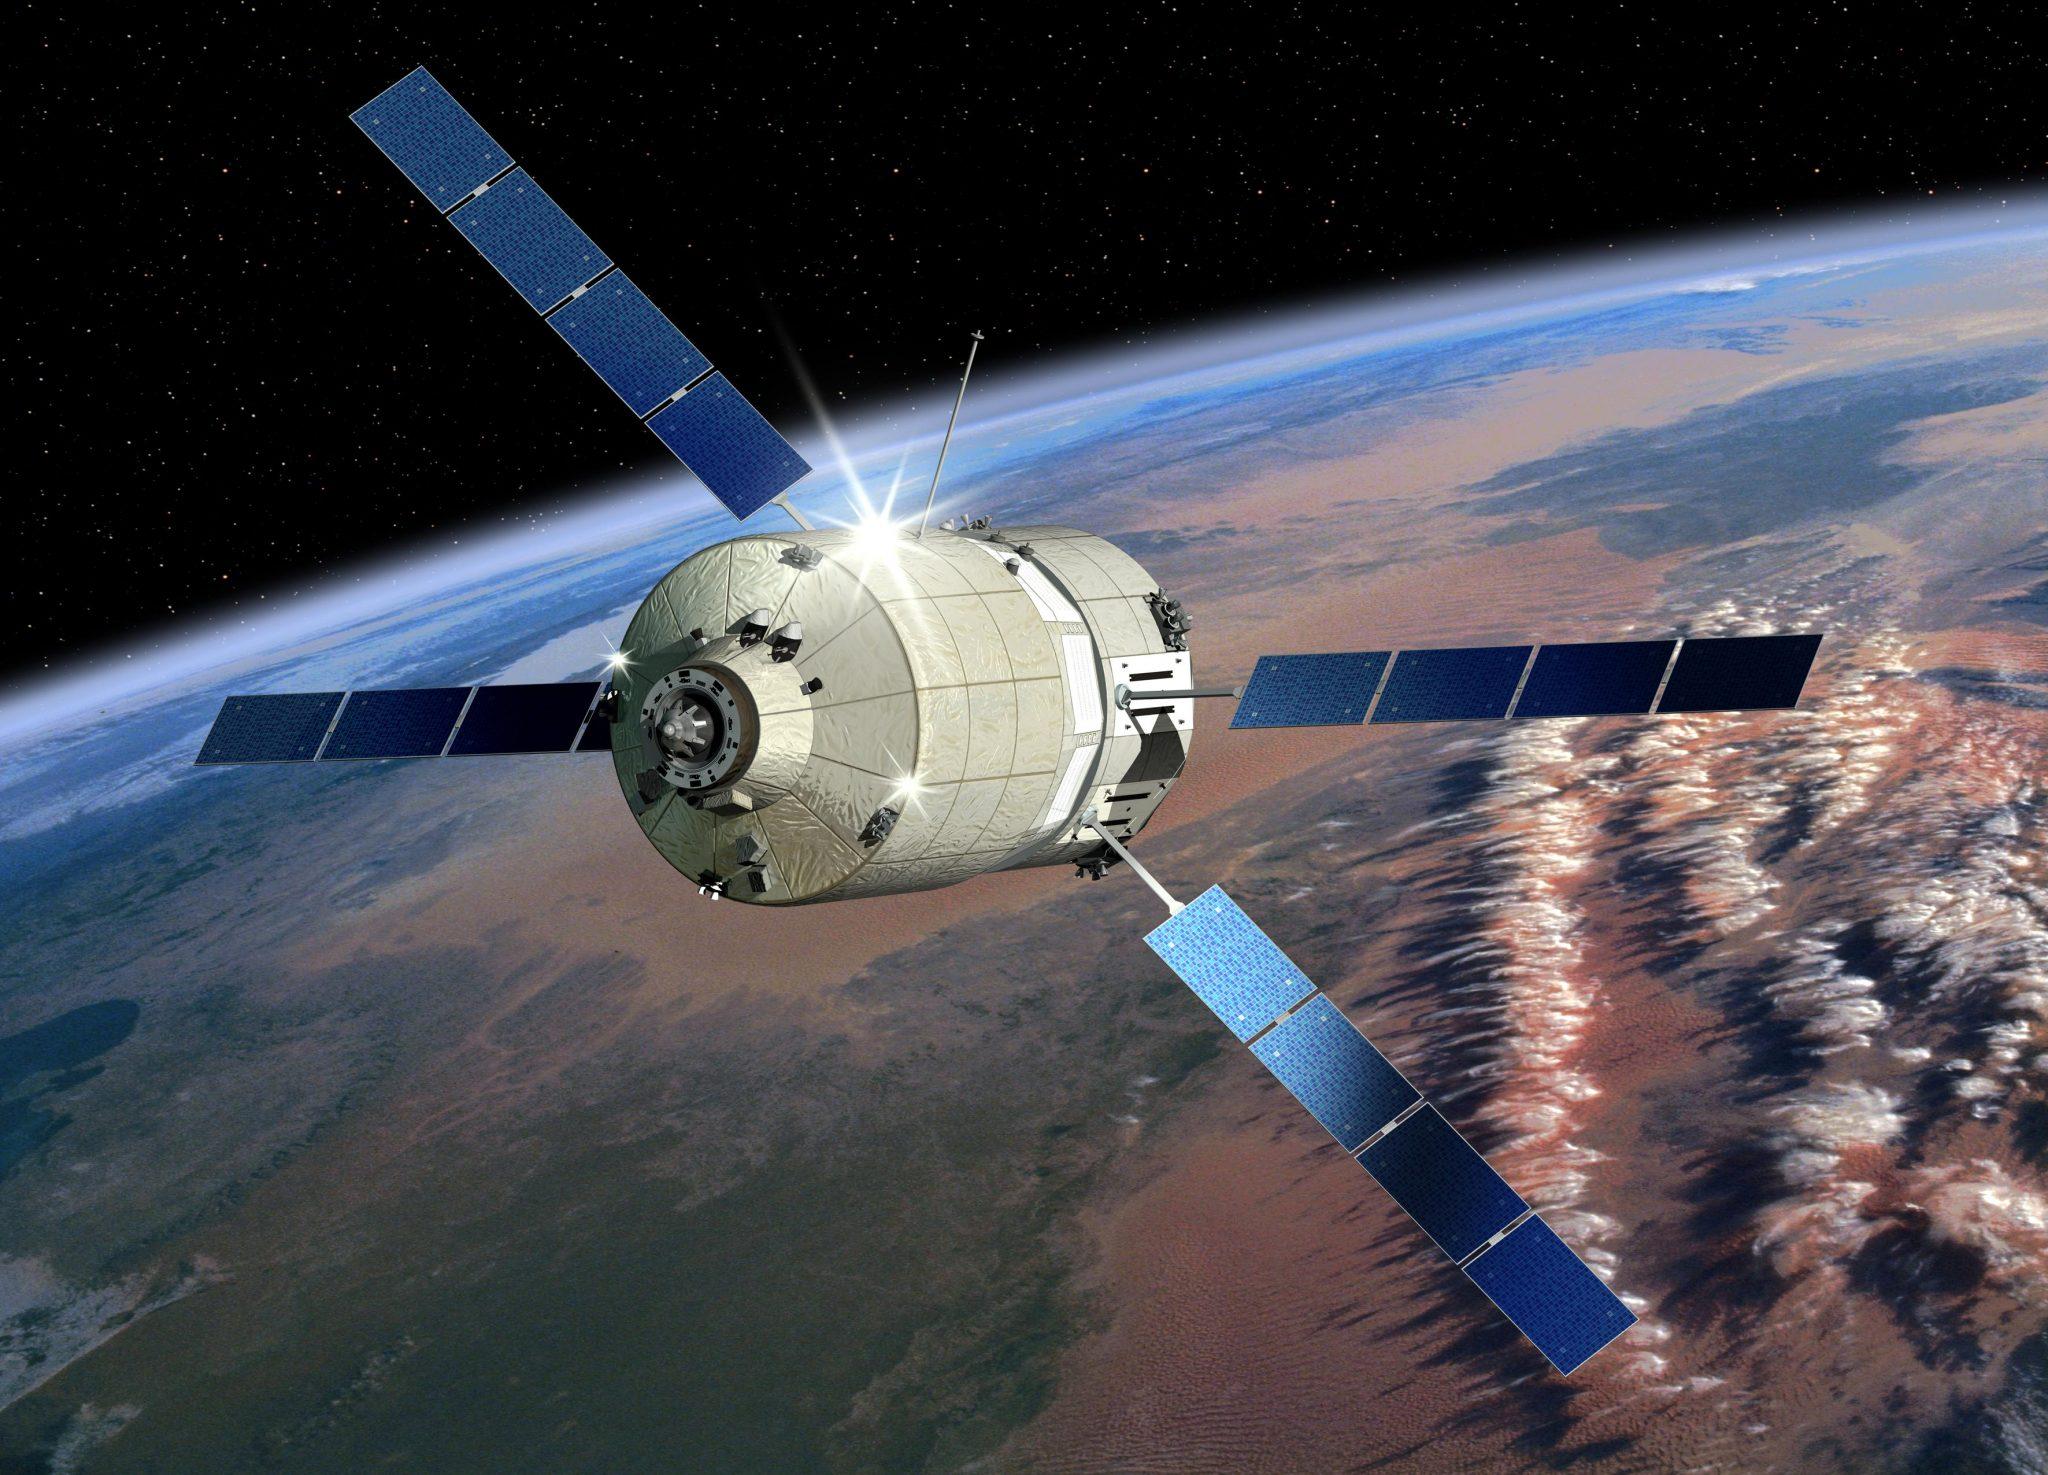 Der Raumfahrttransporter ATV im Einsatz. Quelle: EADS Astrium